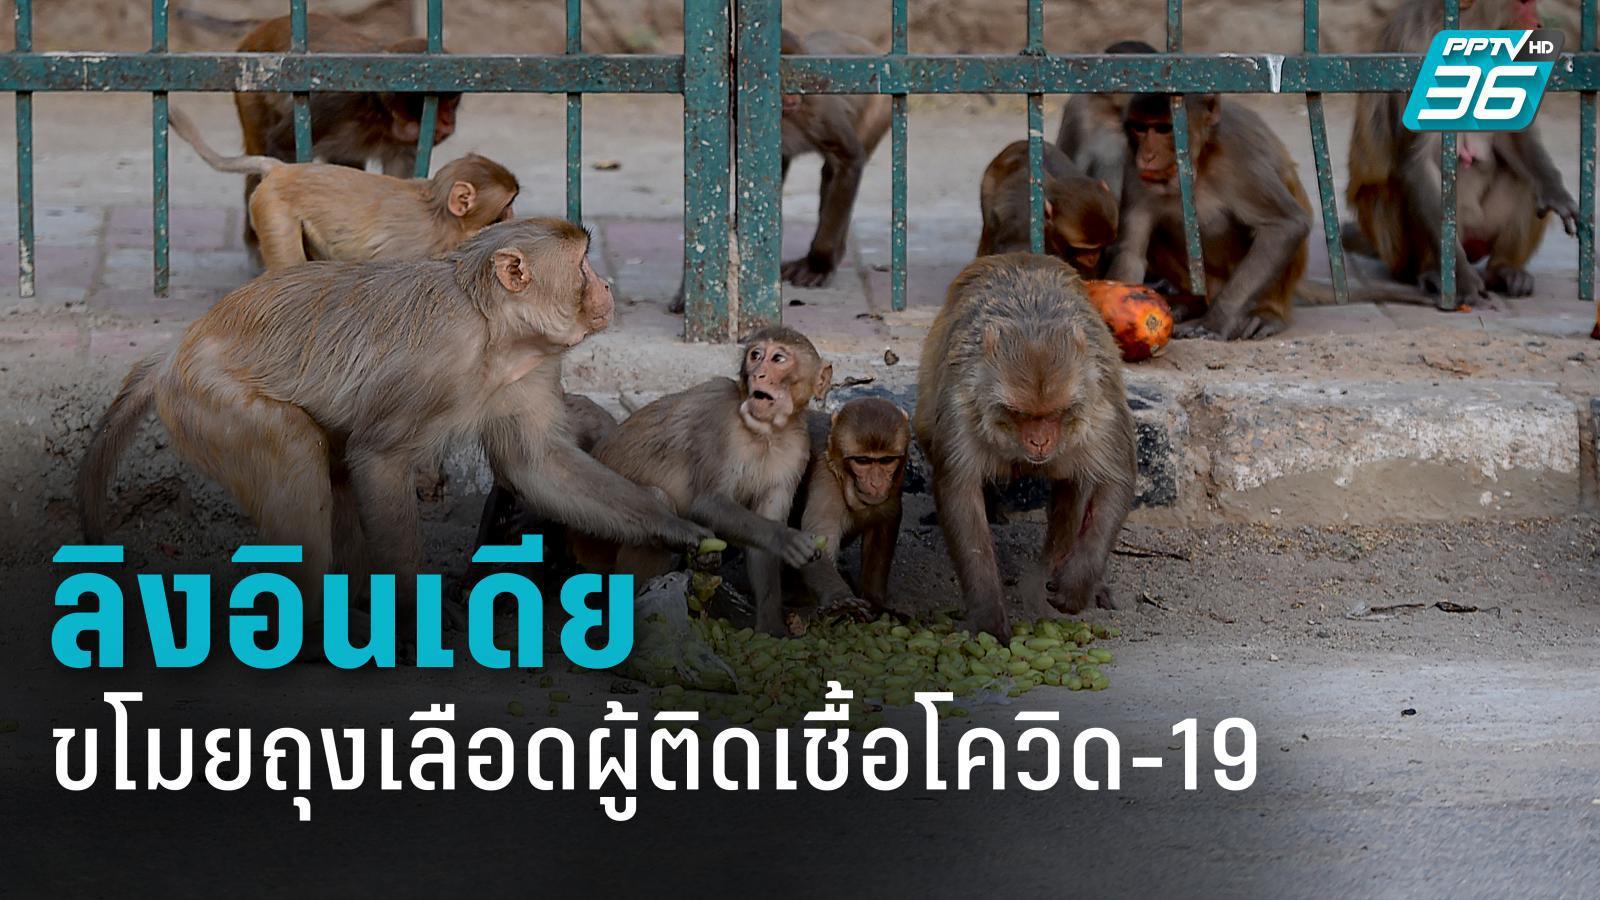 ลิงในอินเดียขโมยตัวอย่างเลือดผู้ติดเชื้อโควิด-19